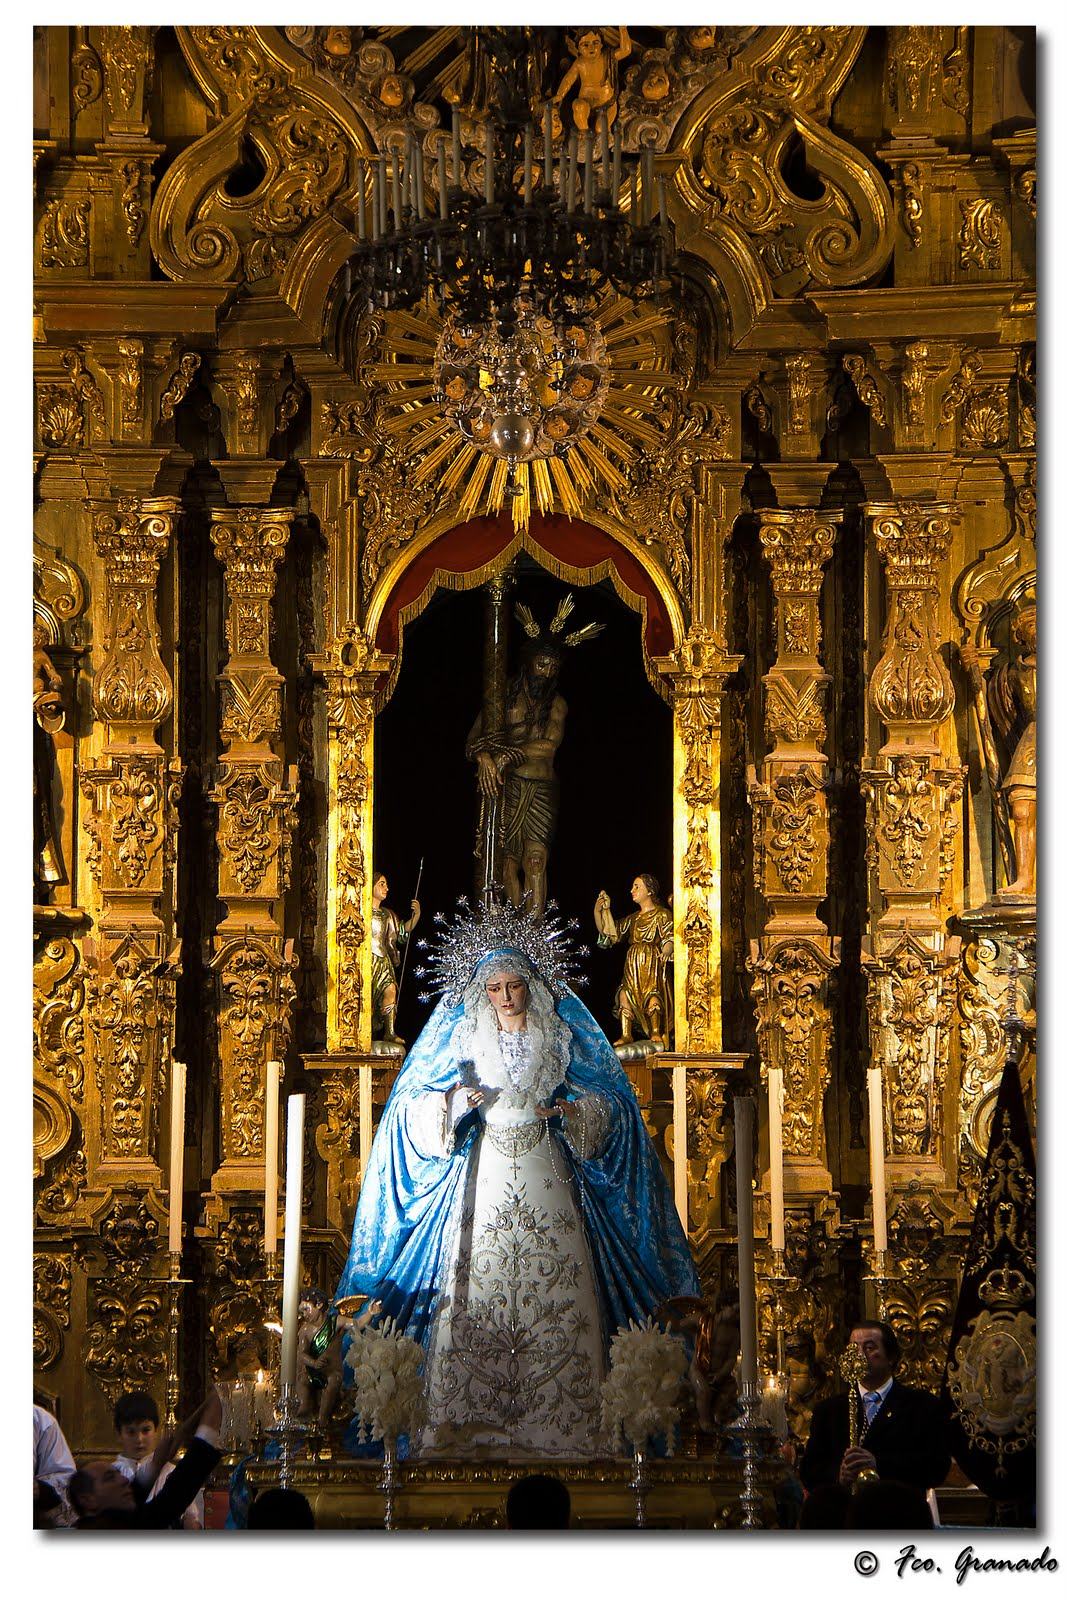 http://franciscogranadopatero35.blogspot.com.es/2011/03/rosario-de-la-aurora-de-la-hermandad-de.html